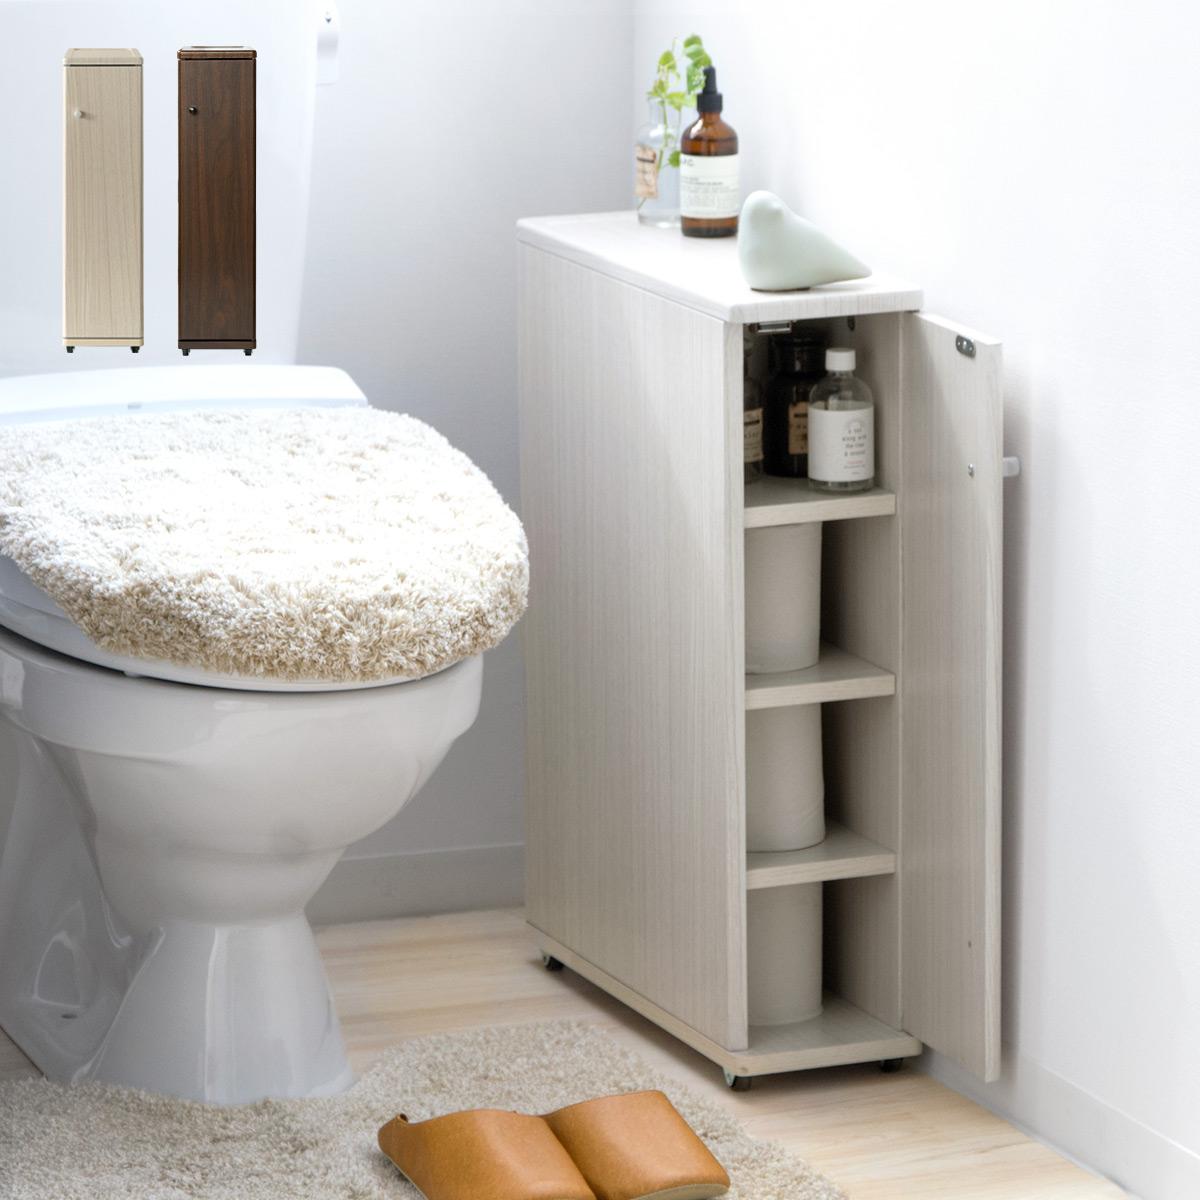 トイレラック トイレ収納 コンパクトラック トイレラック CEED〔シード〕  ホワイト ブラウン